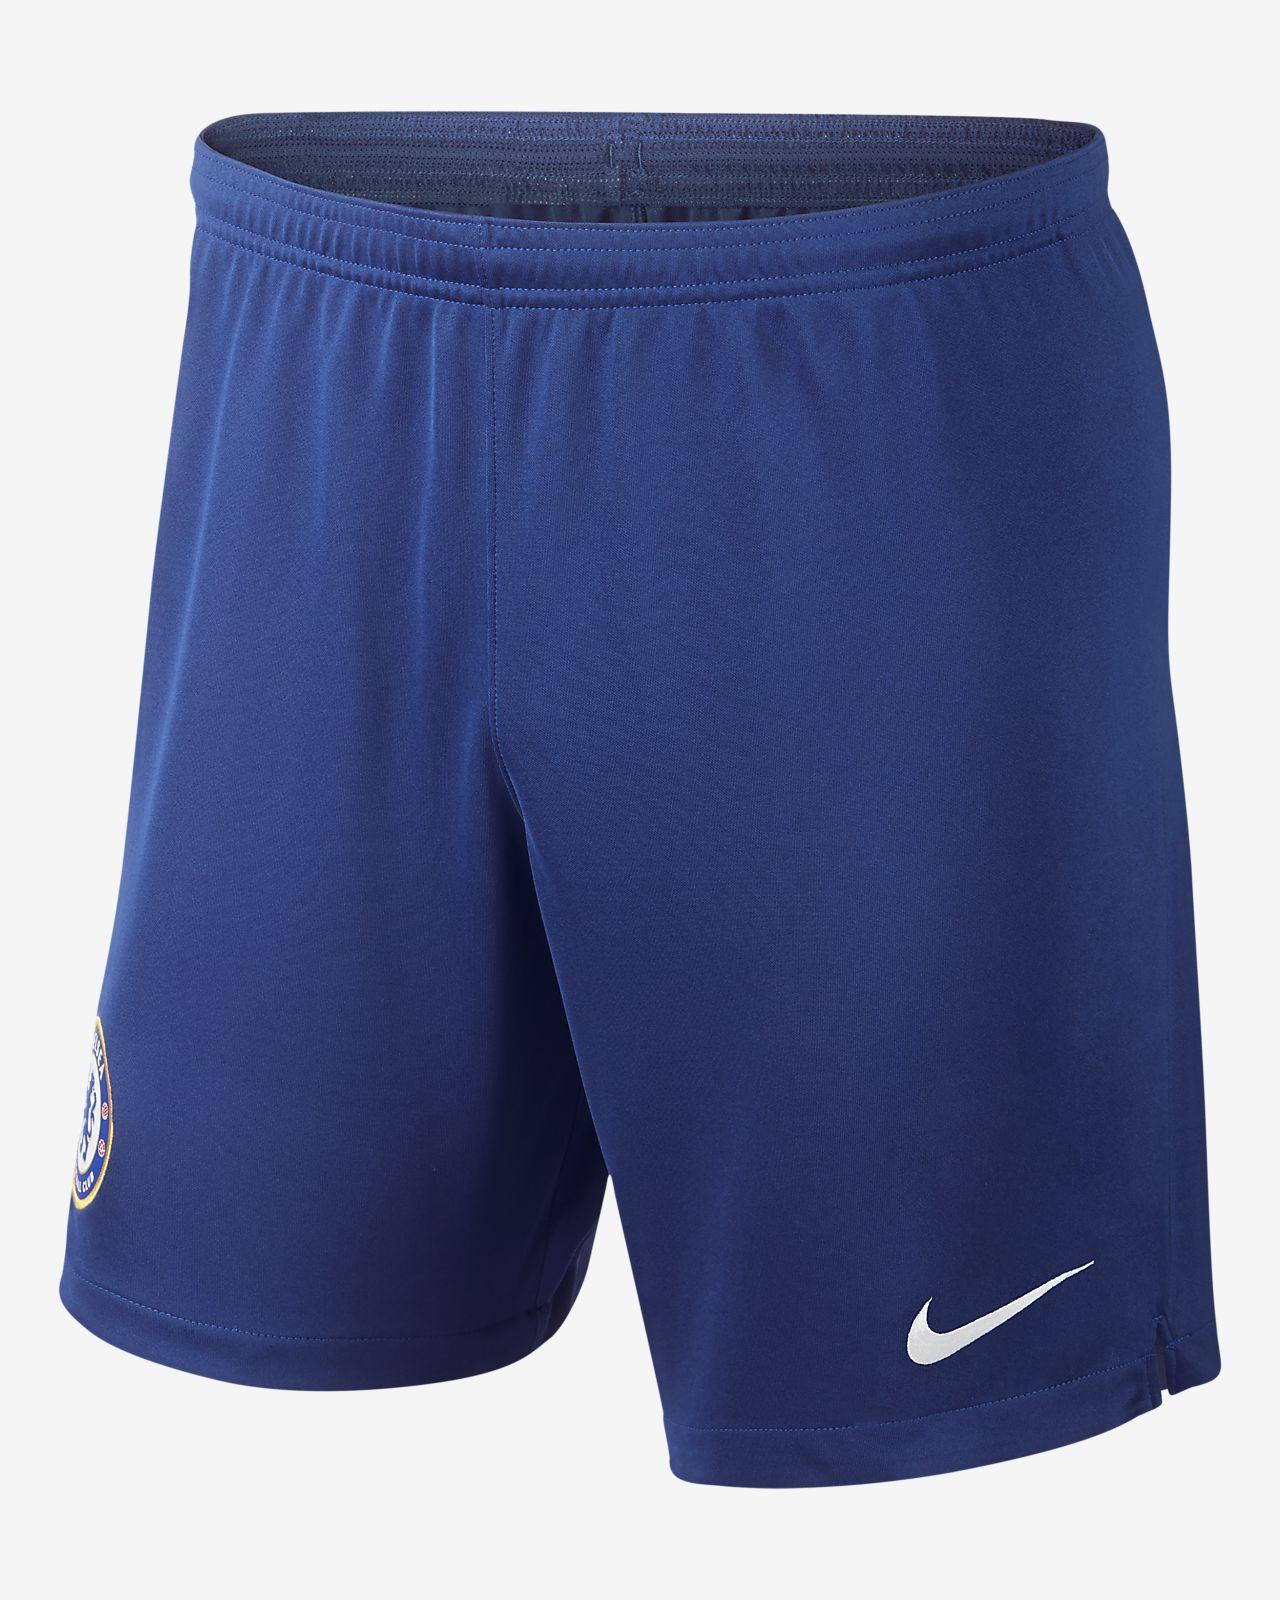 Chelsea FC 2019/20 Stadium Home/Away Pantalón corto de fútbol - Hombre